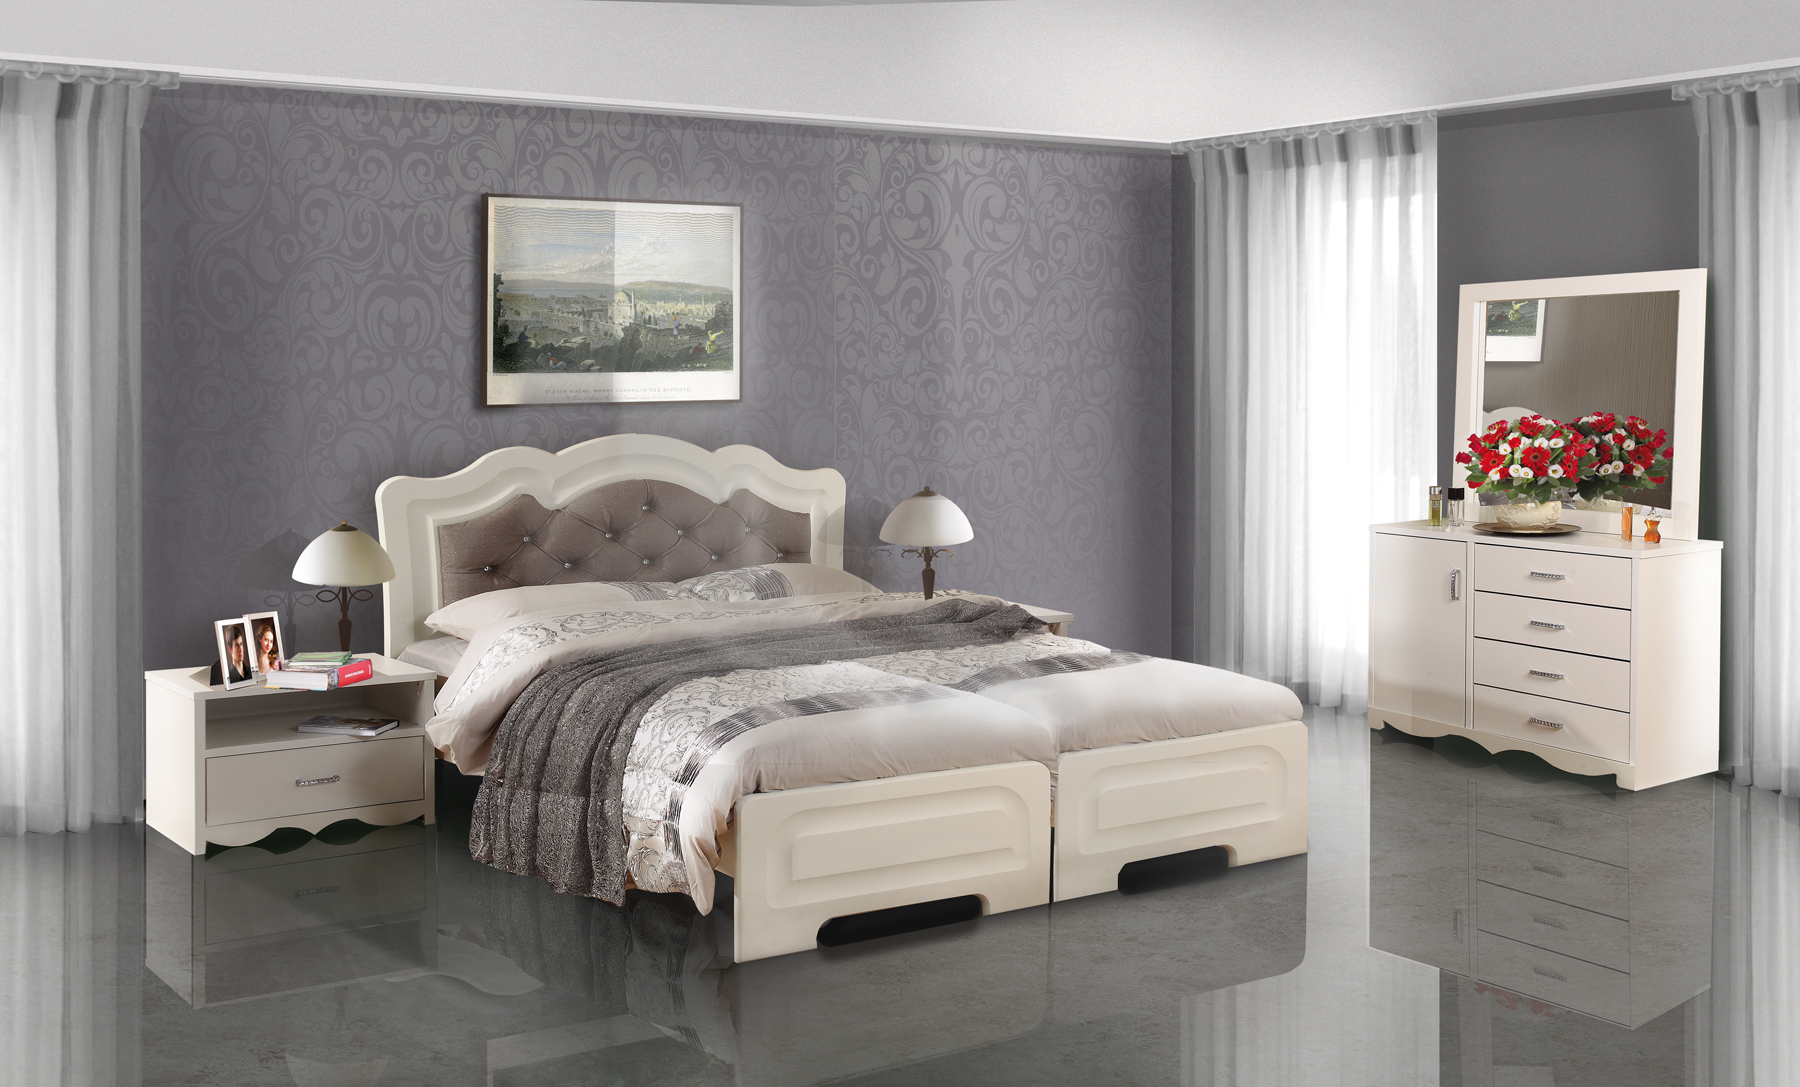 סופר חדר שינה מיטה יהודית דגם מינה | Yalla.co.il LF-94